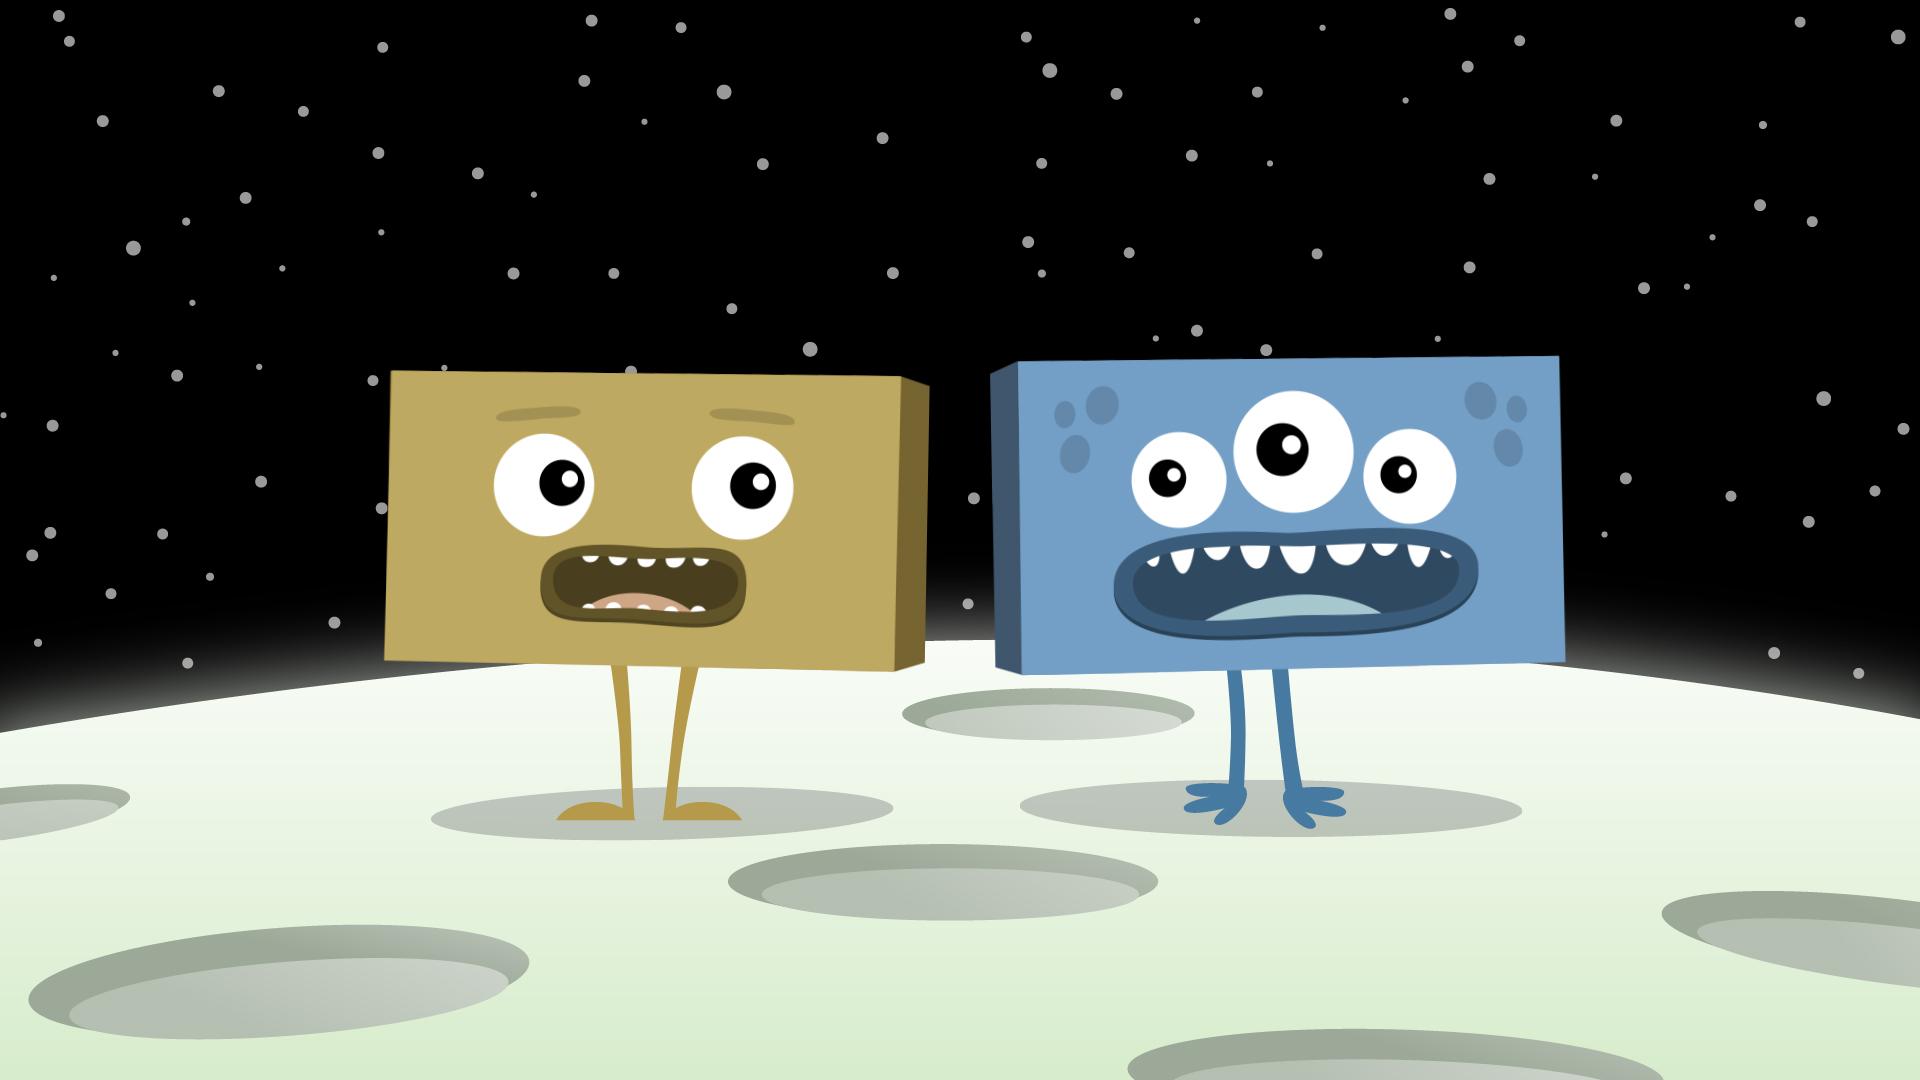 BBSS_126_Space_Friends_04.jpg